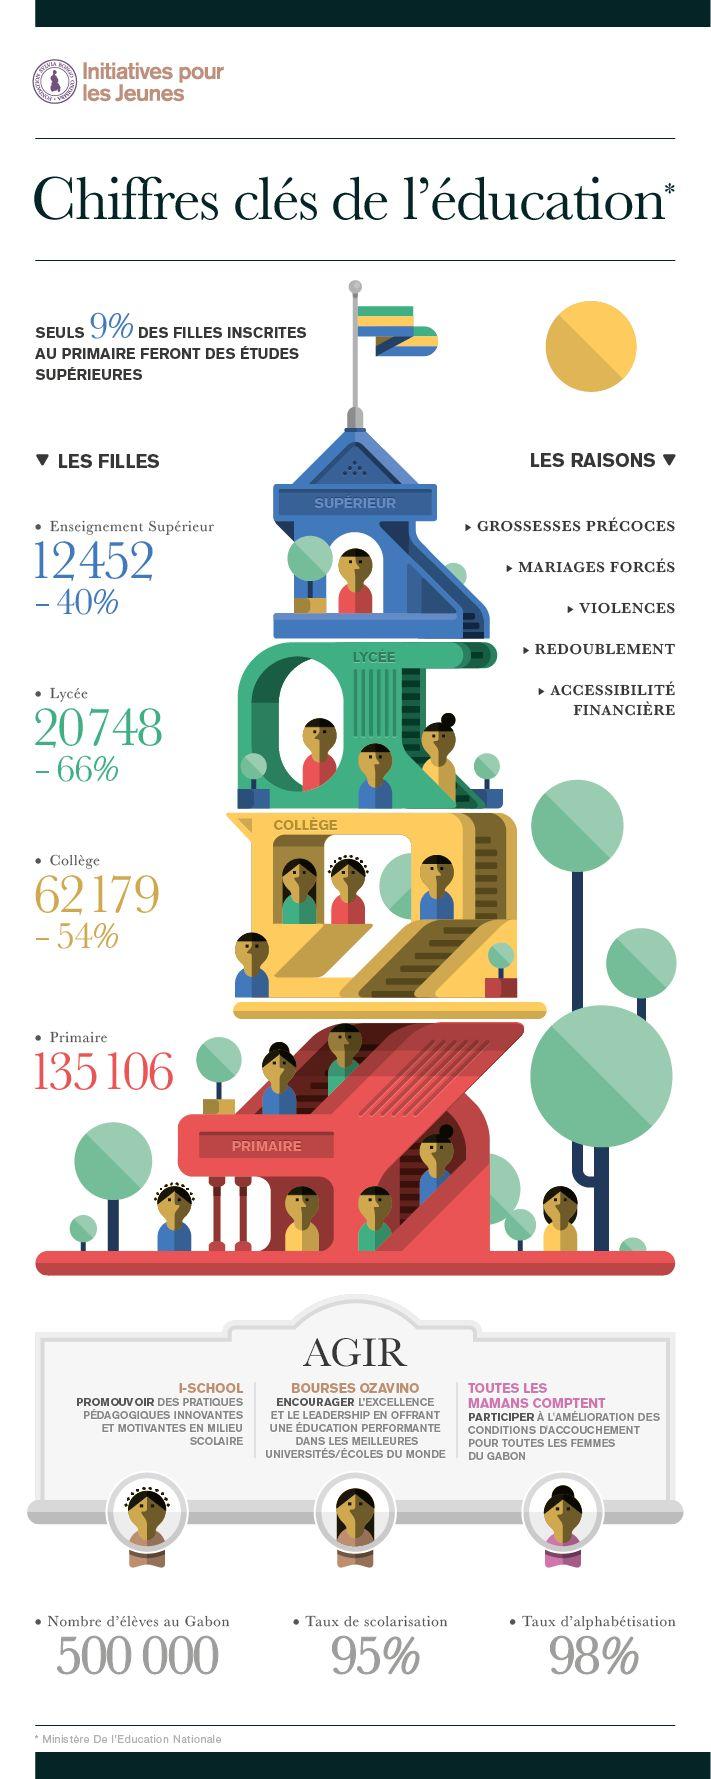 """""""L'éducation pour tous est l'objectif numéro du Millénaire ( OMD), au Gabon malgré un fort taux de scolarisation, la déperdition scolaire reste encore trop importante, principalement chez les jeunes filles. Seuls 9% des filles inscrites au primaire feront des études supérieures."""